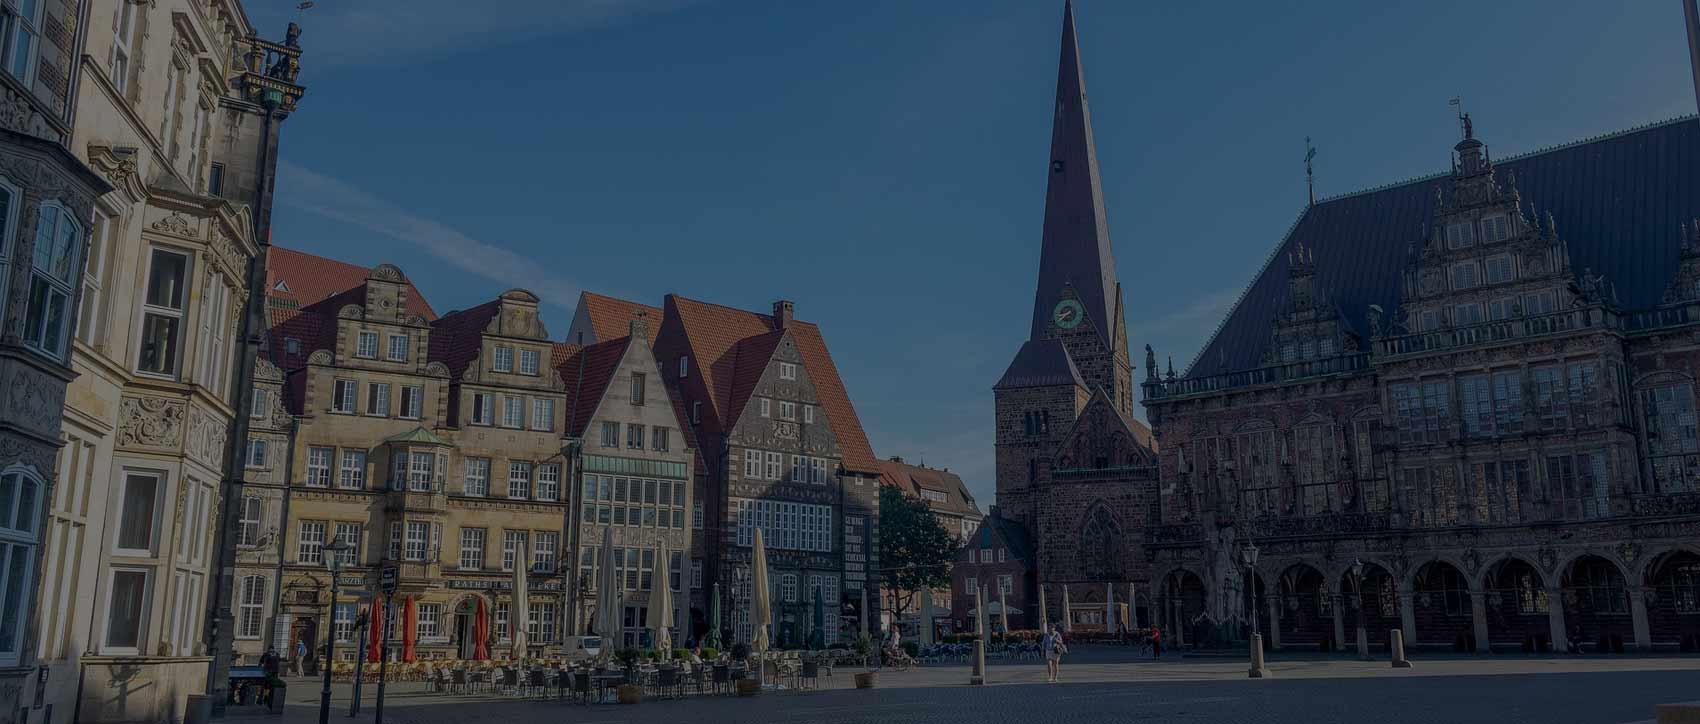 Autoankauf in Bremen